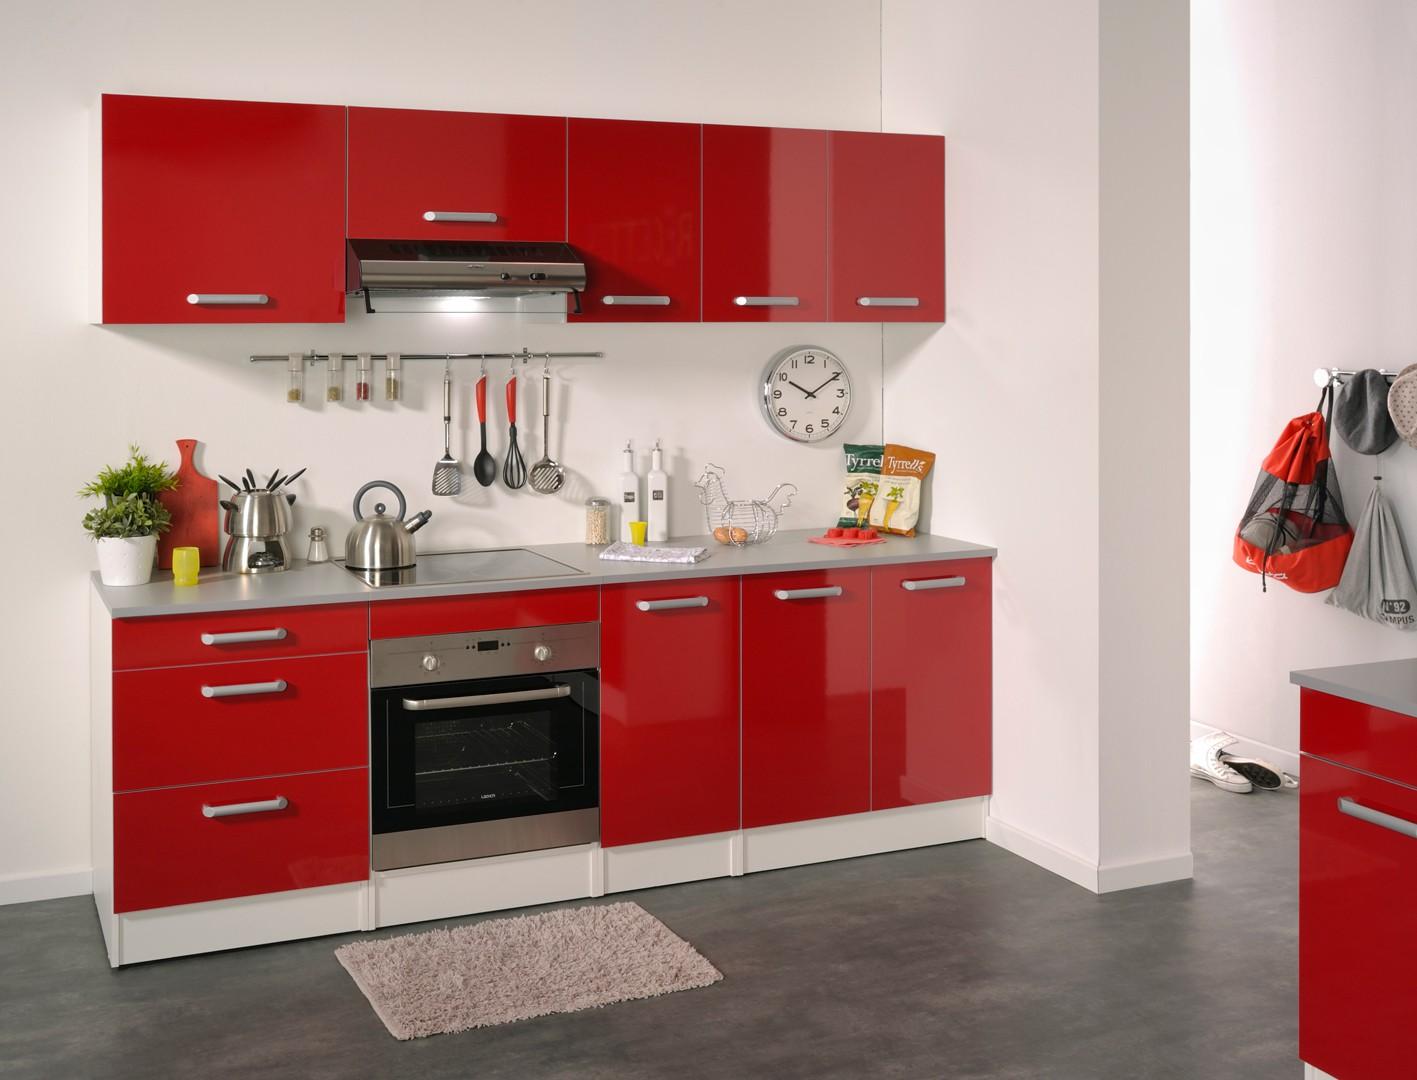 Plan de travail rouge conforama livraison - Meuble de cuisine conforama ...